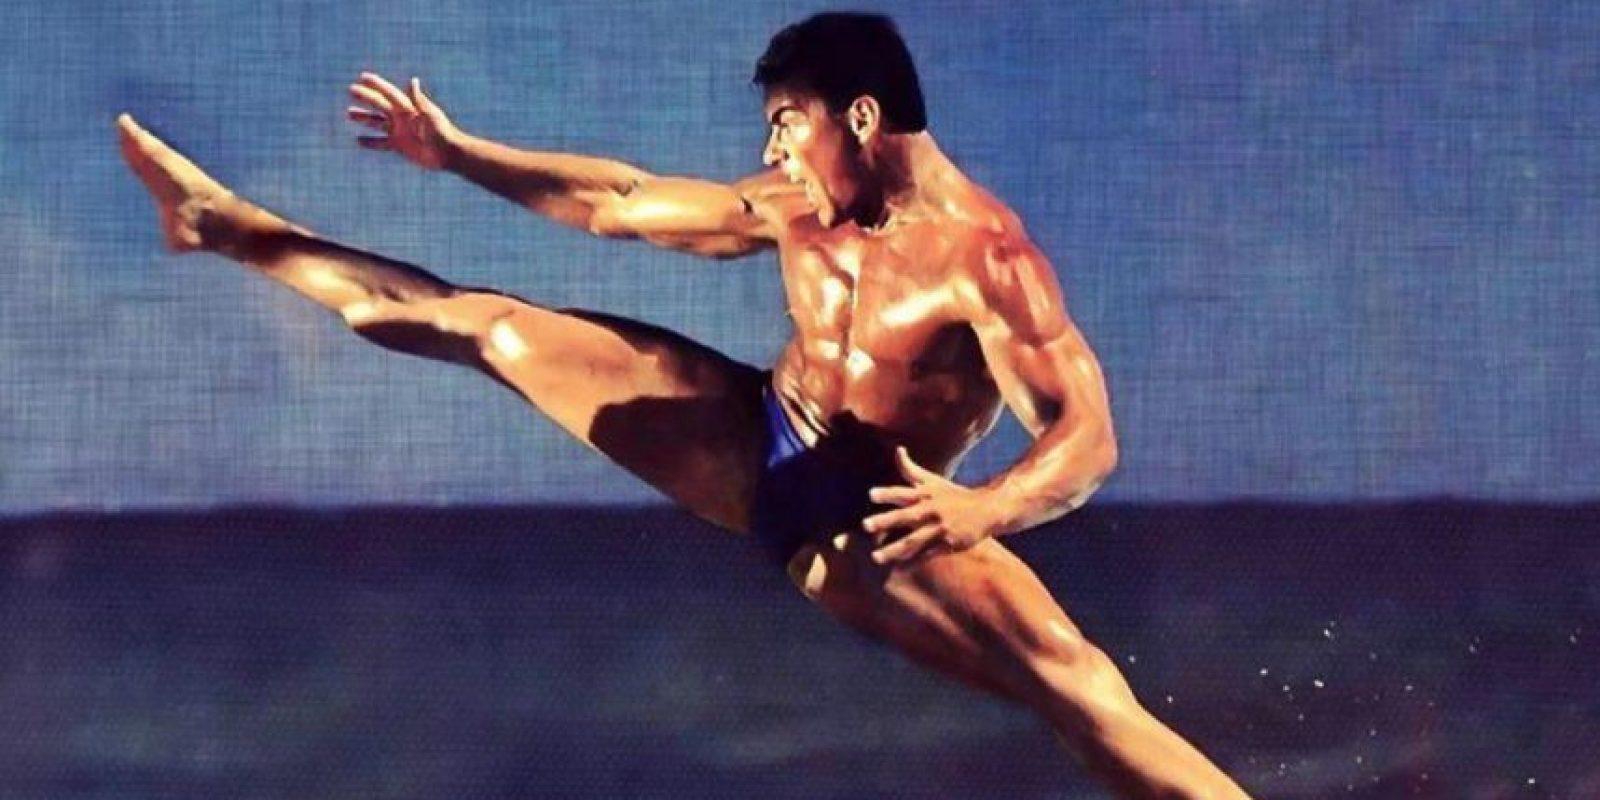 El belga comenzó con su carrera en la actuación a finales de los años 80, luego de especializarse en karate y ganar también concursos de fisicoculturismo.